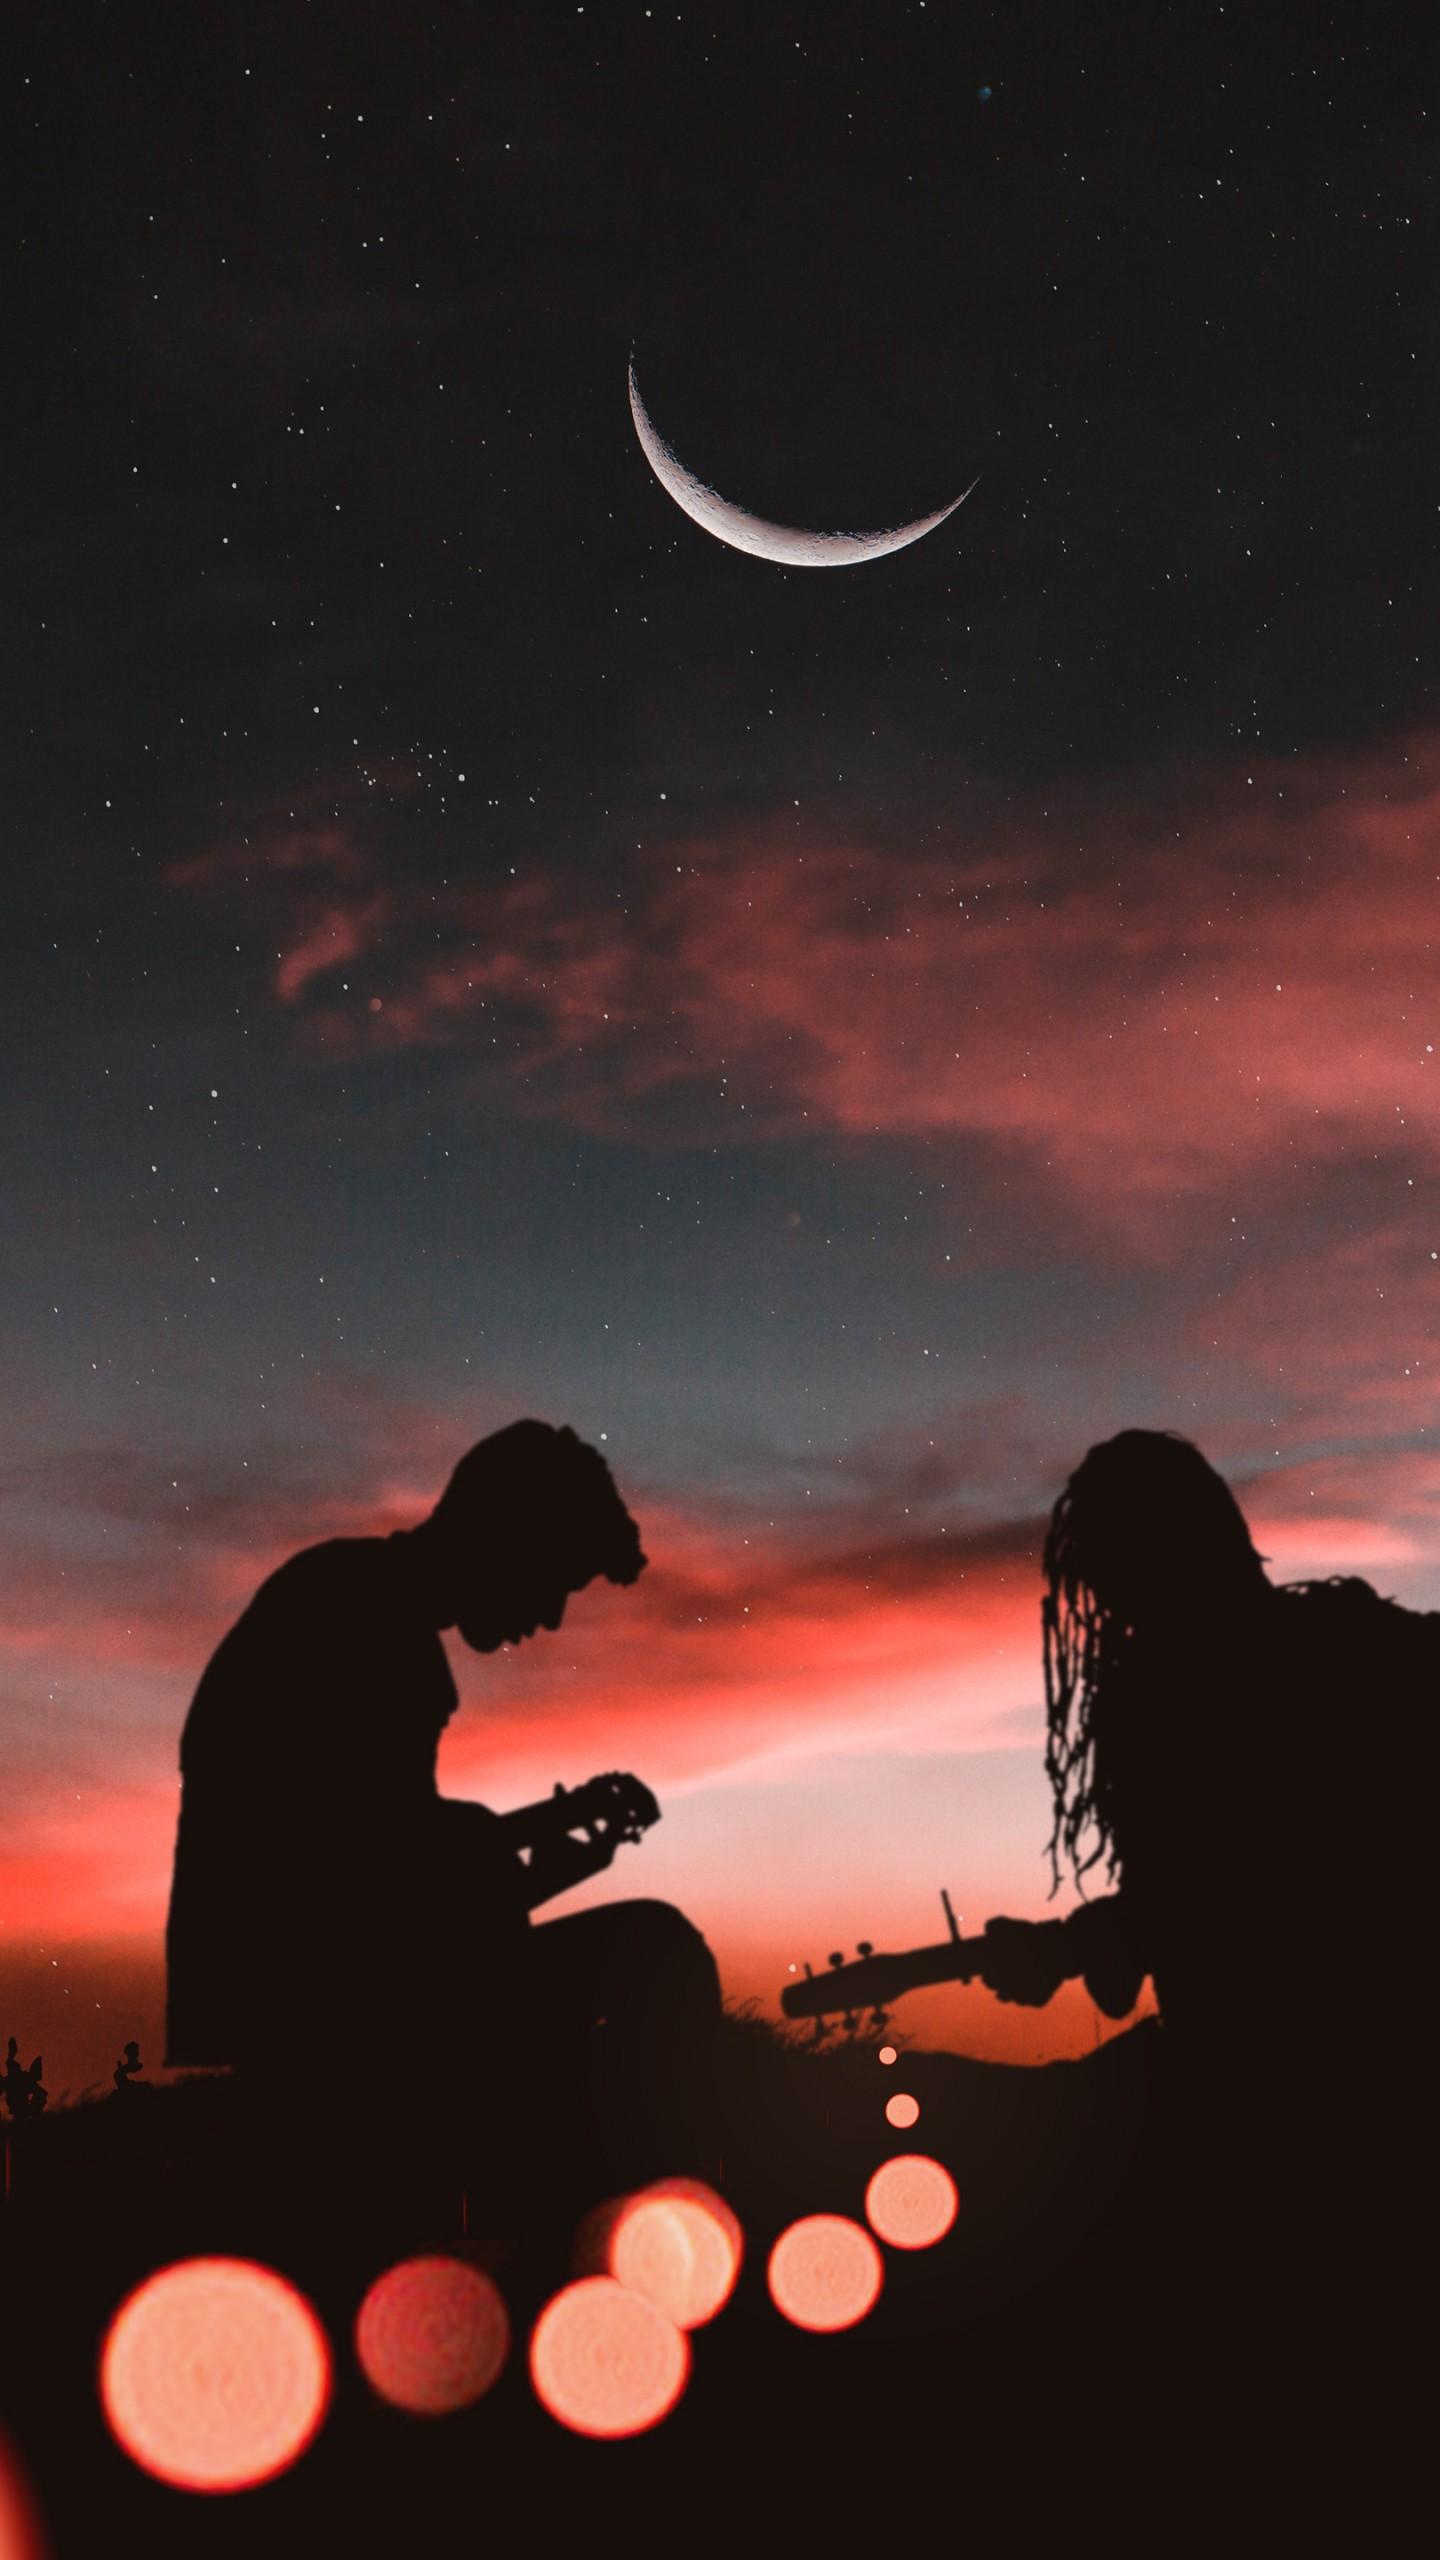 عکس زمینه پسر و دختر در حال نواختن گیتار در شب پس زمینه